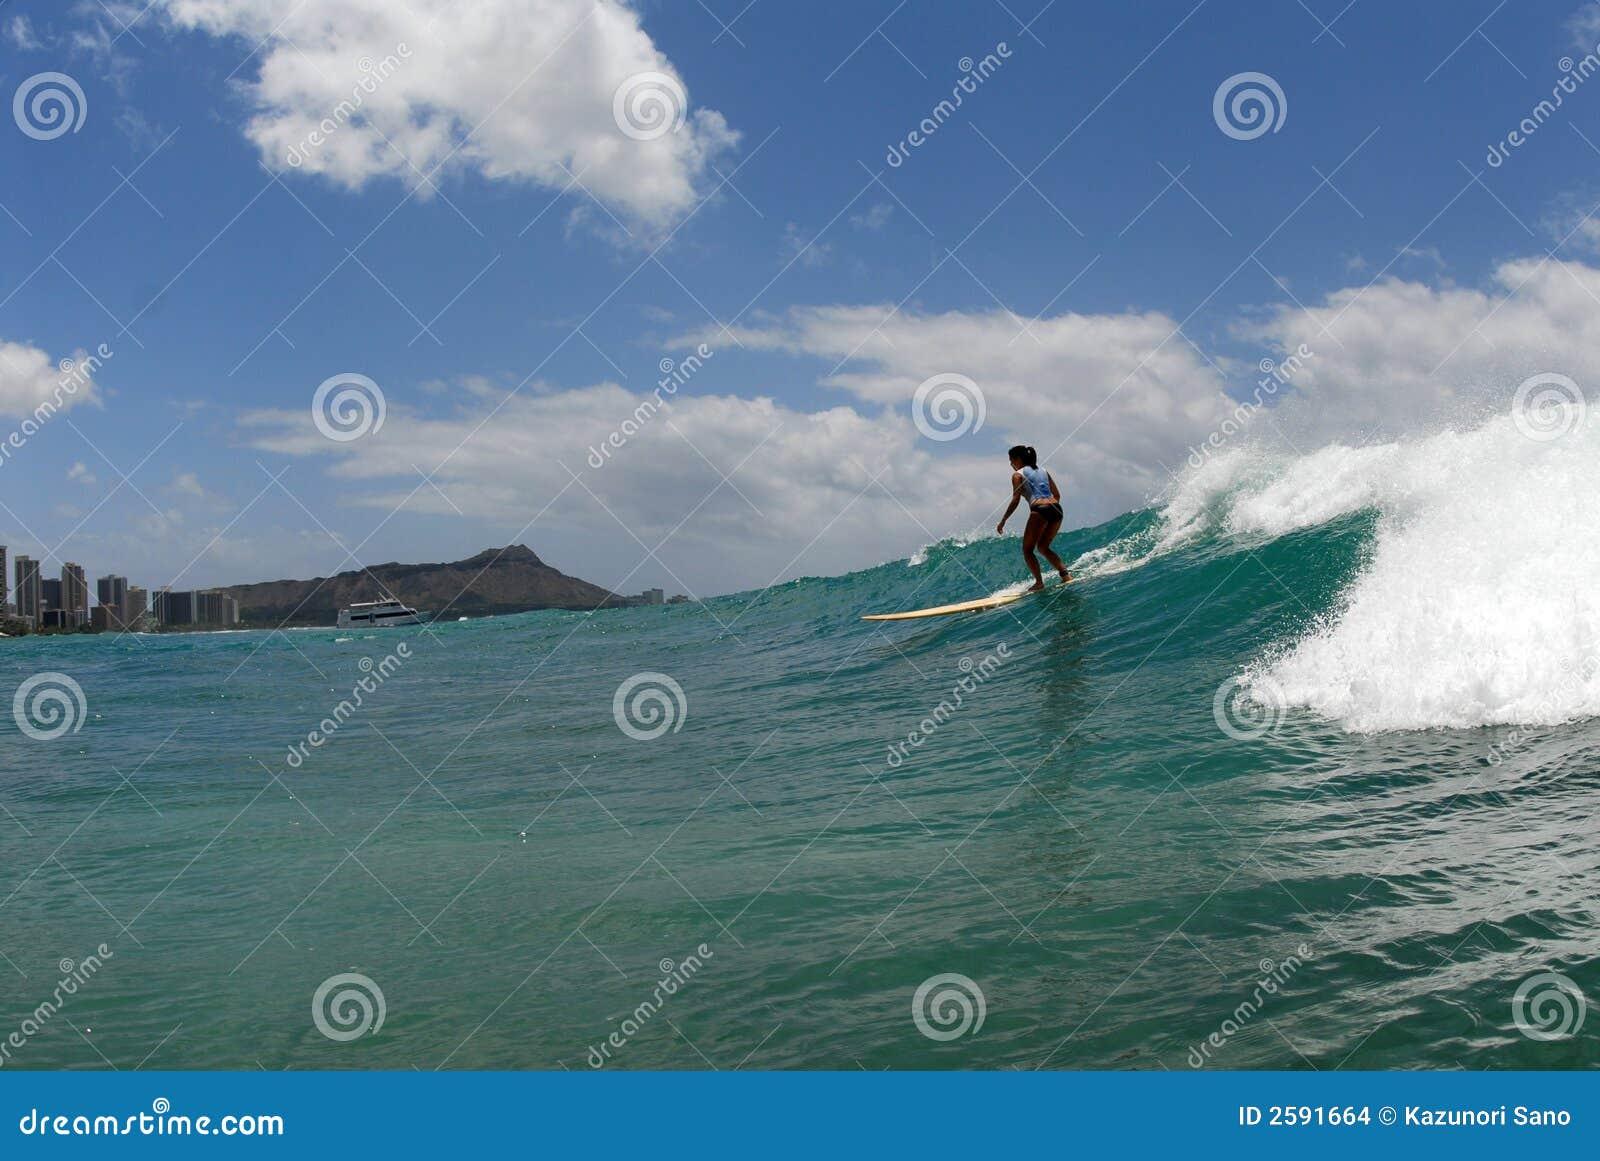 Un surfer de fille